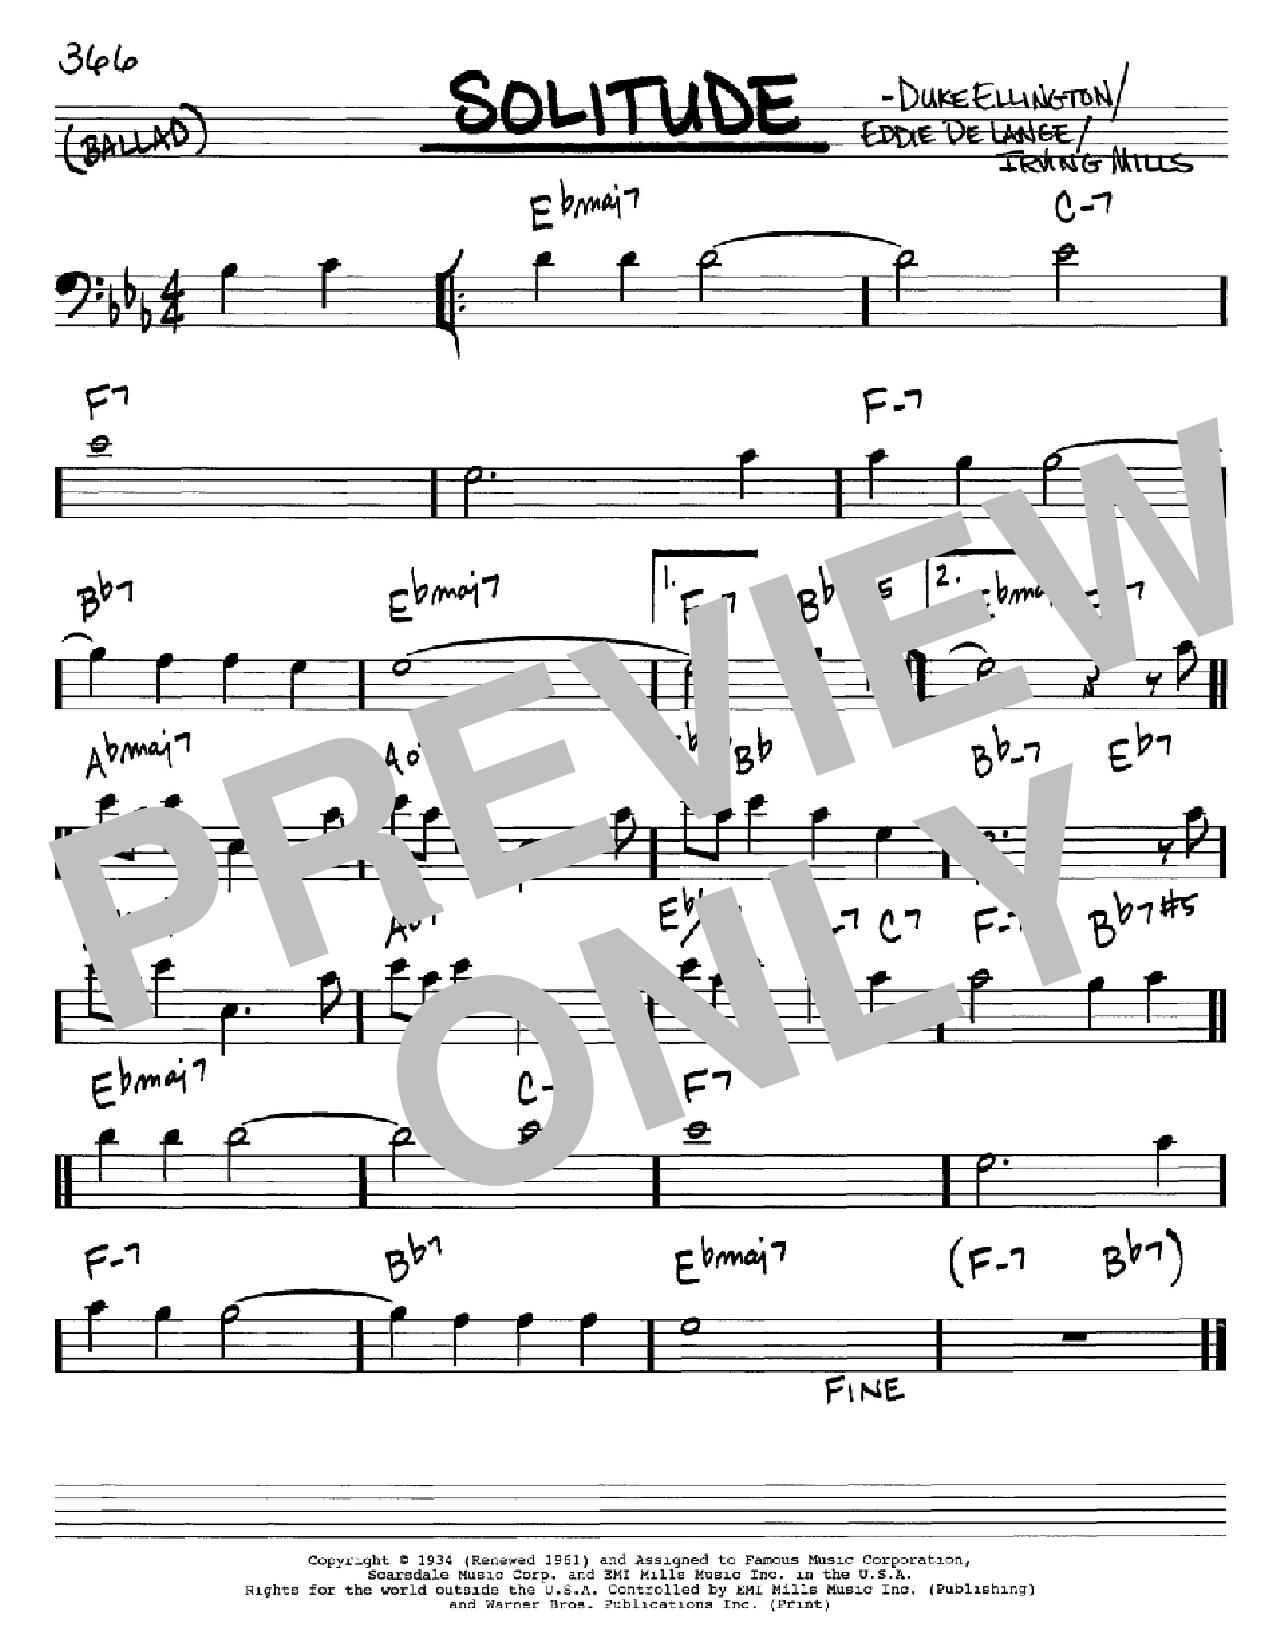 Partition autre Solitude de Duke Ellington - Real Book, Melodie et Accords, Inst. En cle de Fa